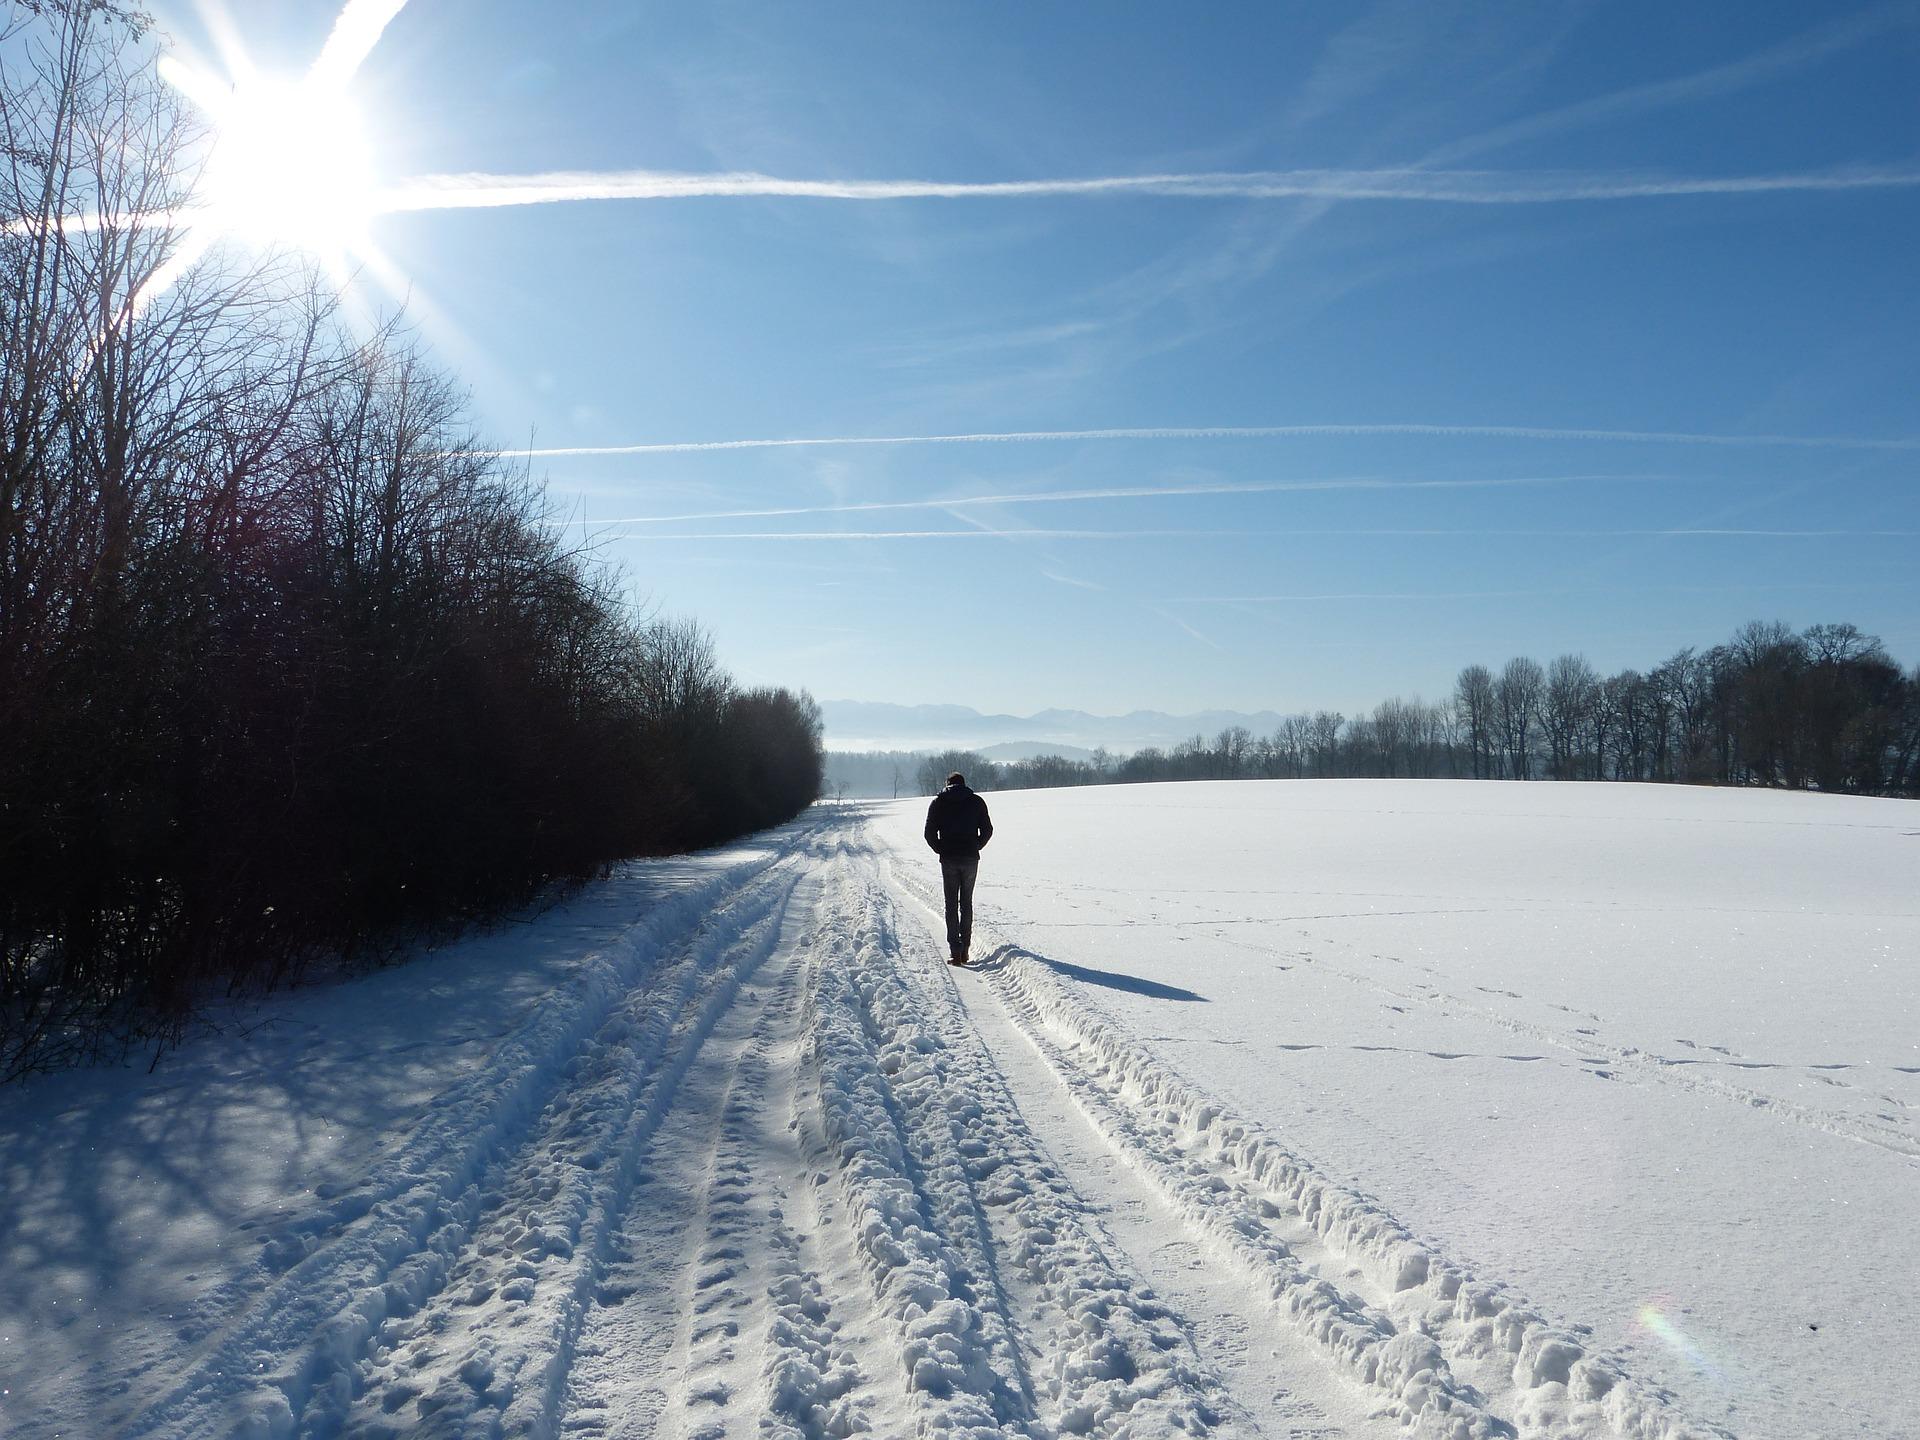 How To Brighten Dark Winter Days